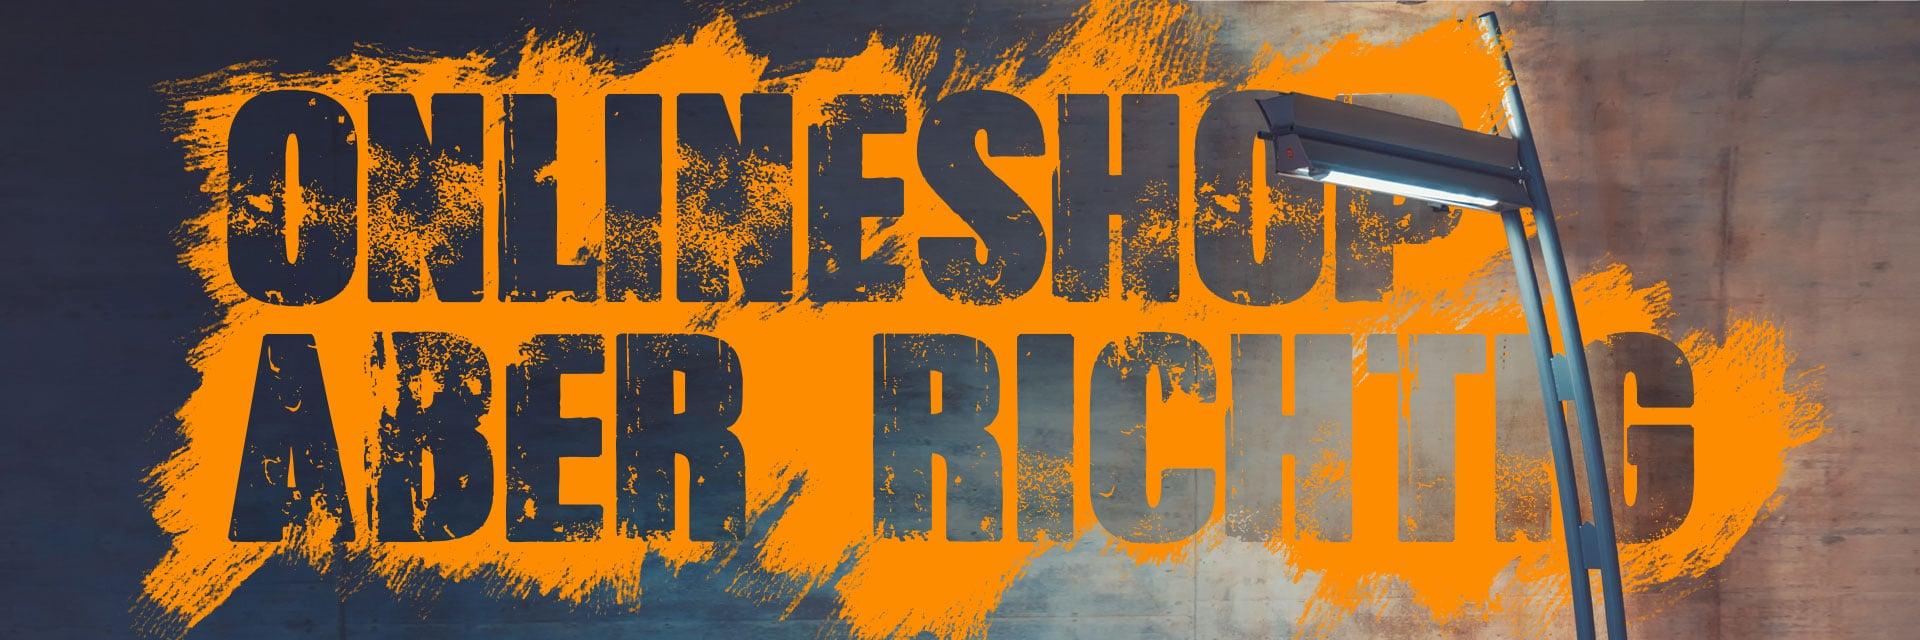 Titelbild Onlineshop erstellen